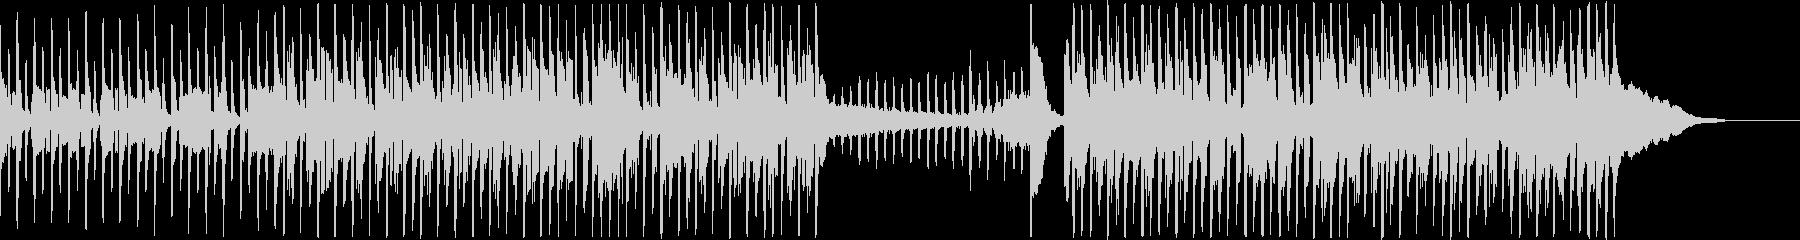 現代のサウンド産業/企業/テクノロ...の未再生の波形